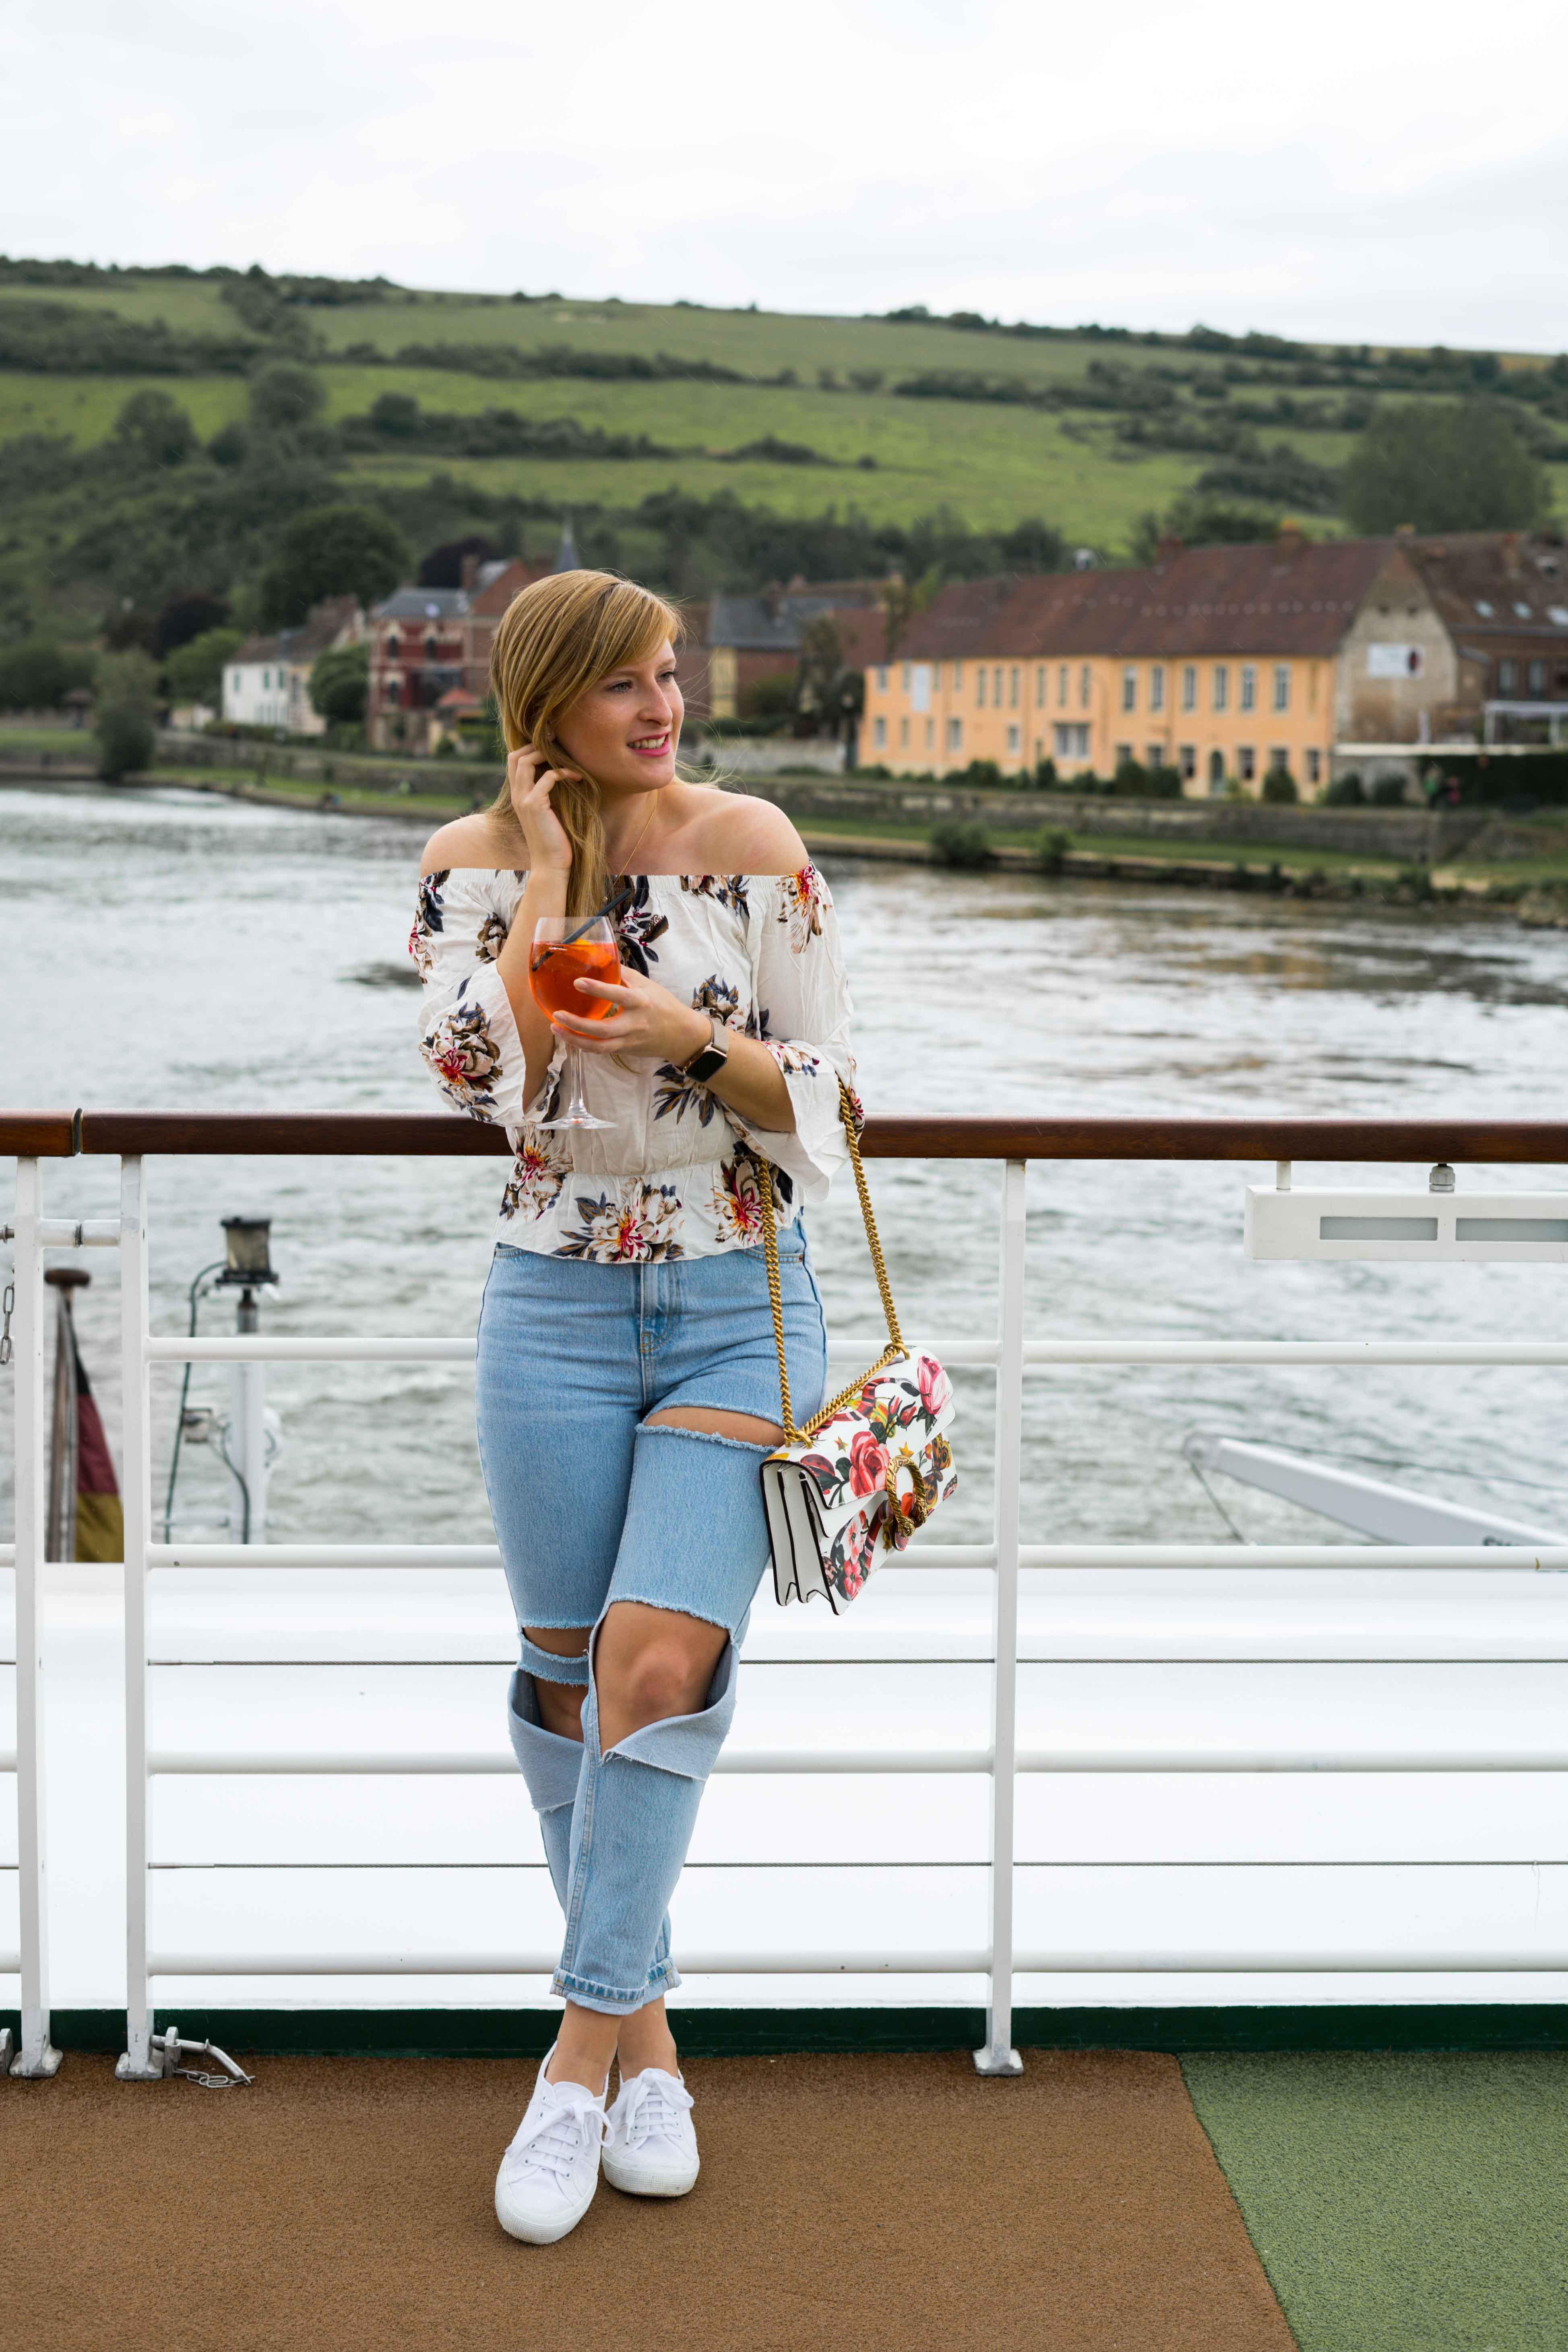 Two Ways to Style Ripped Jeans kombinieren Offshoulder Shirt Blumenprint bauchfrei Gucci Dionysus Garden Print Tasche Look Modeblog Modeblogger 2